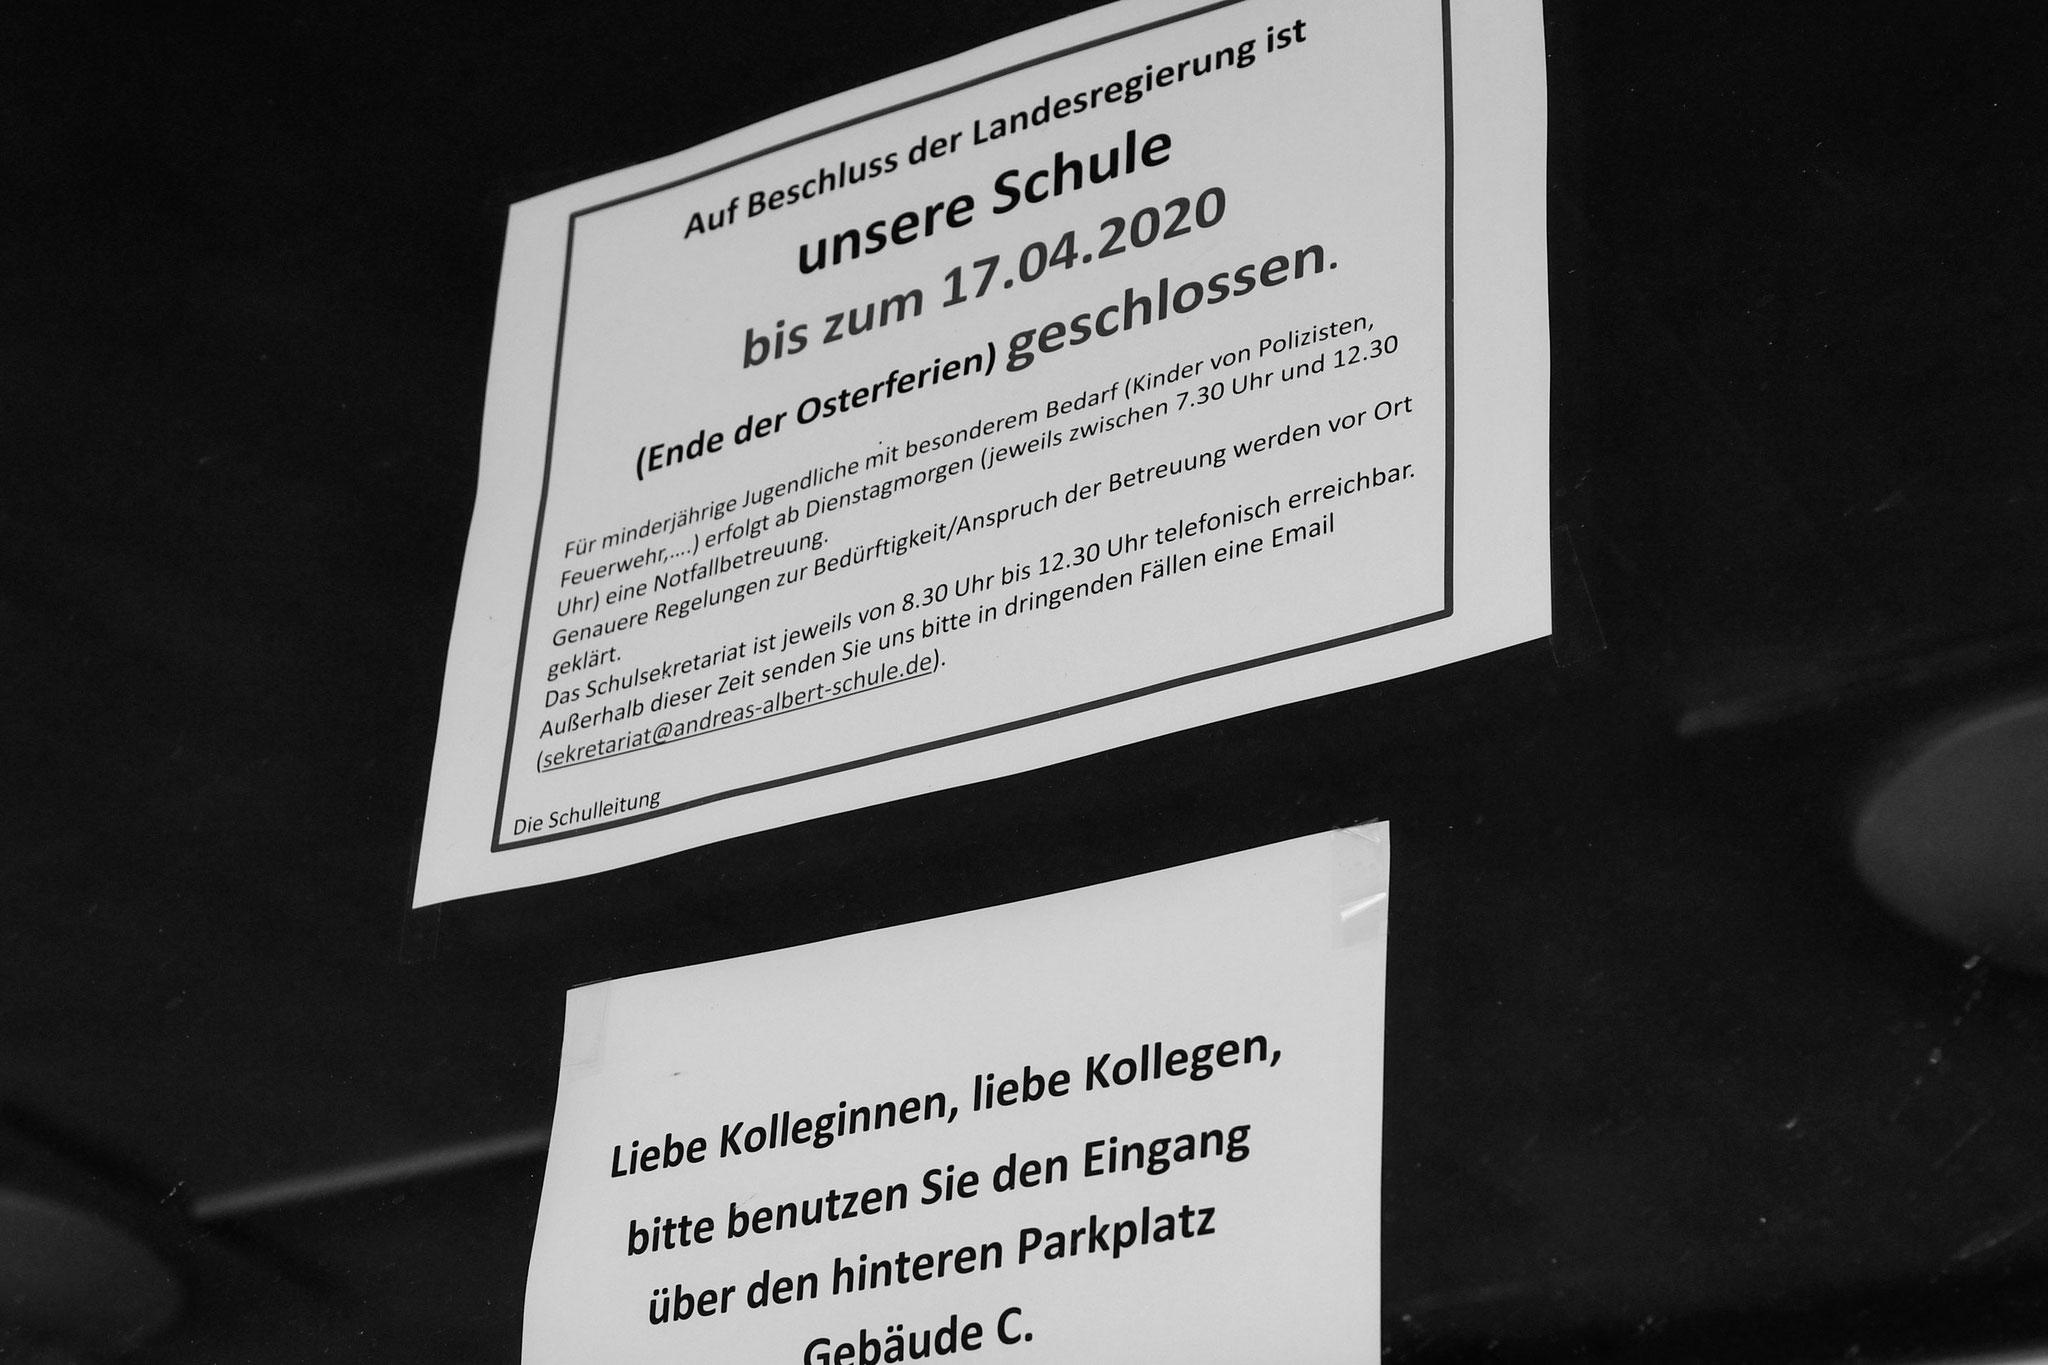 16.3.2020 | FT | Andreas-Albert-Schule Berufsbildende Schule | geschlossen